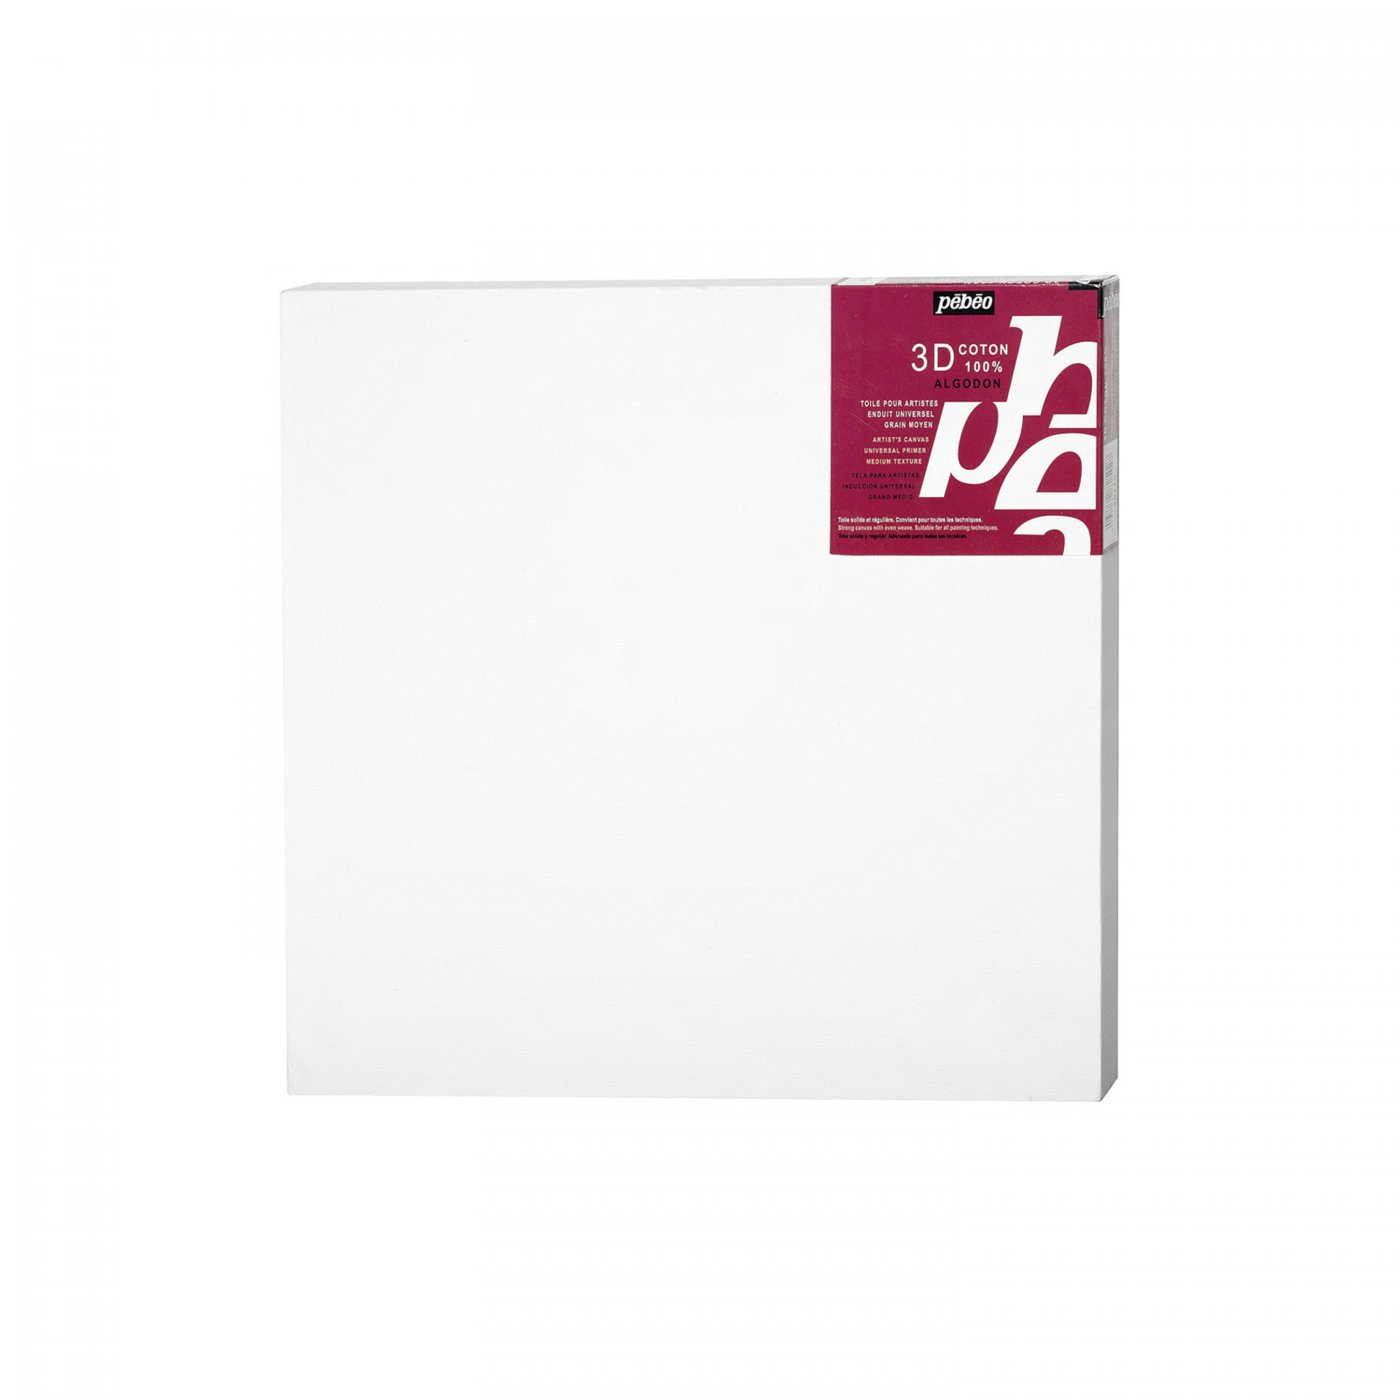 Malířské plátno PÉBÉO 3D bílé - 30x30 cm